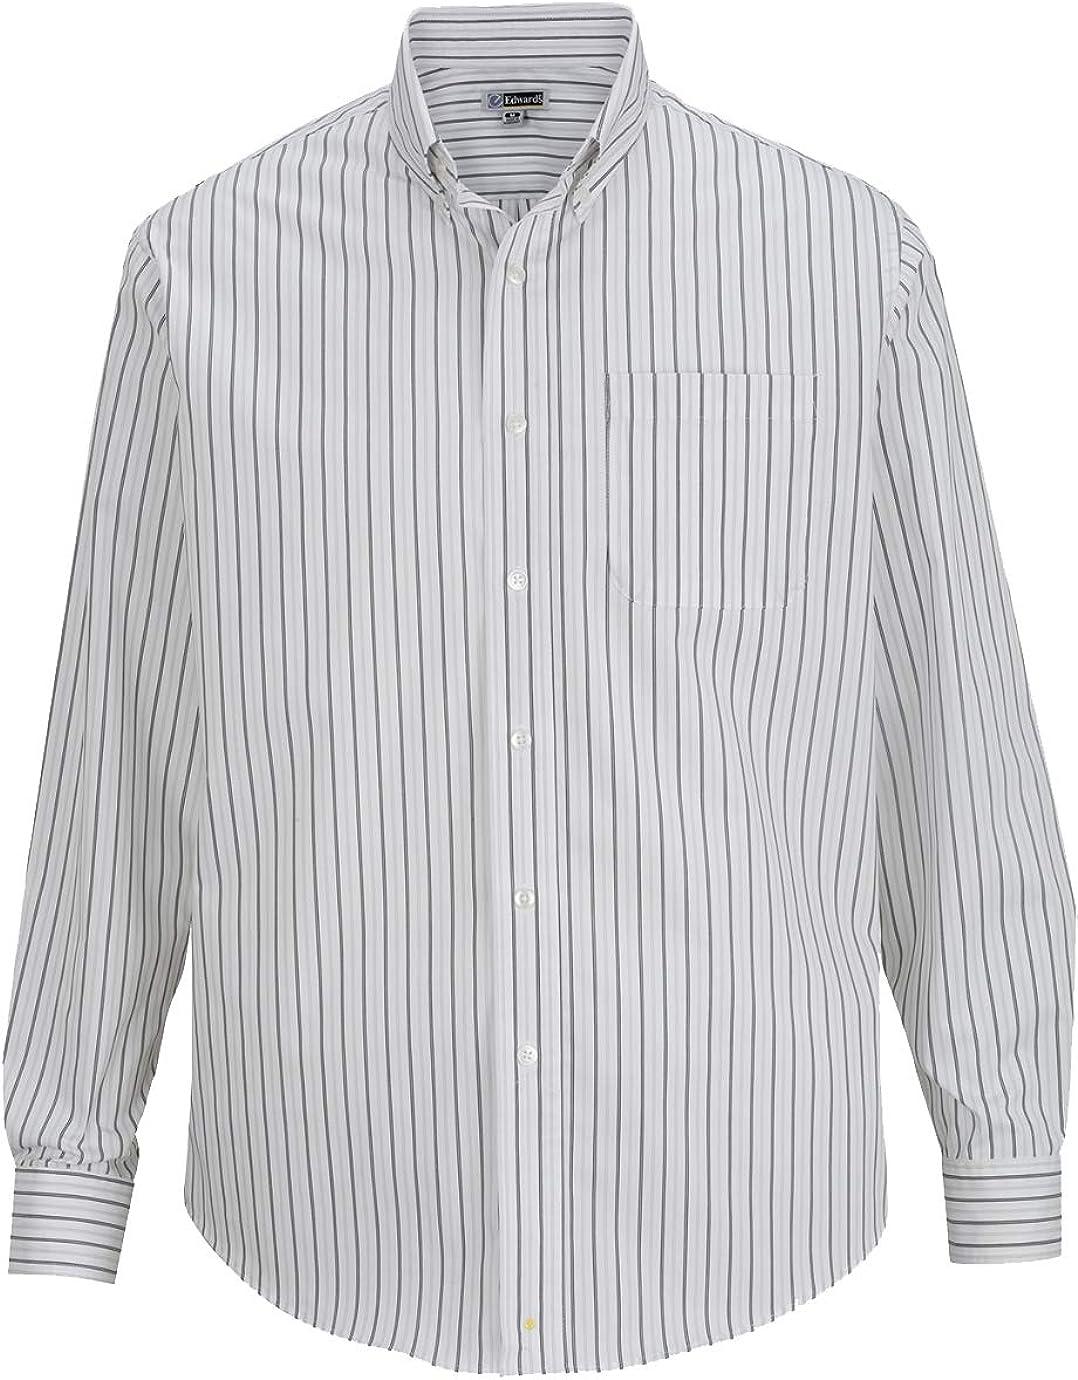 Edwards Men's Double Stipe Poplin Long Sleeve Dress Shirt